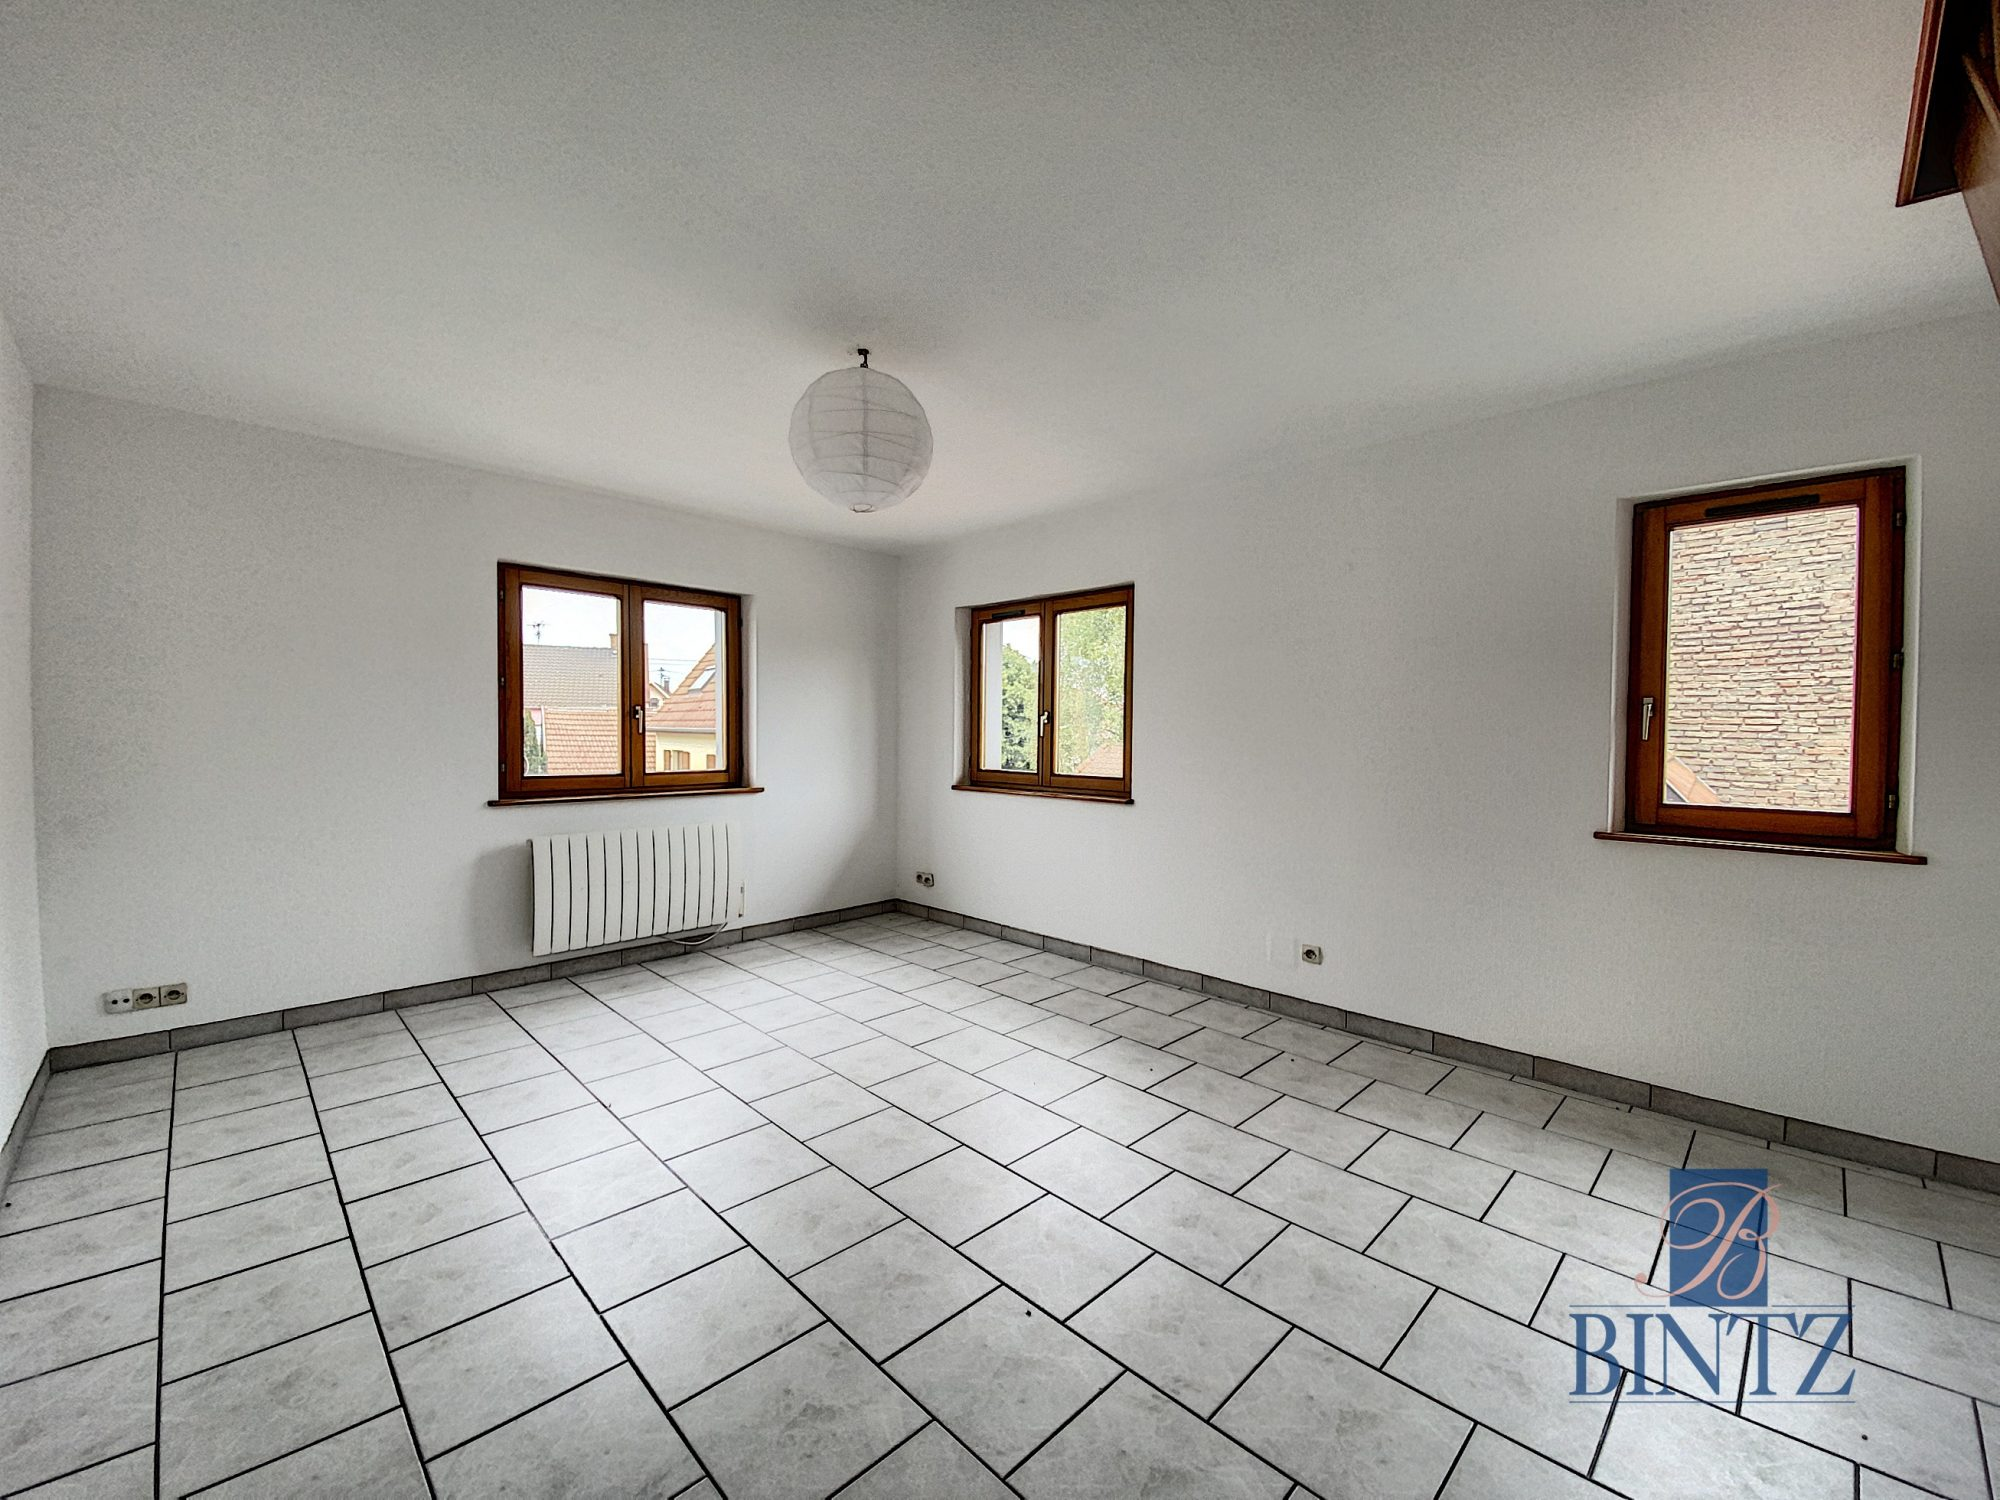 Charmant T3 Duplex avec belle terrasse - Devenez propriétaire en toute confiance - Bintz Immobilier - 3